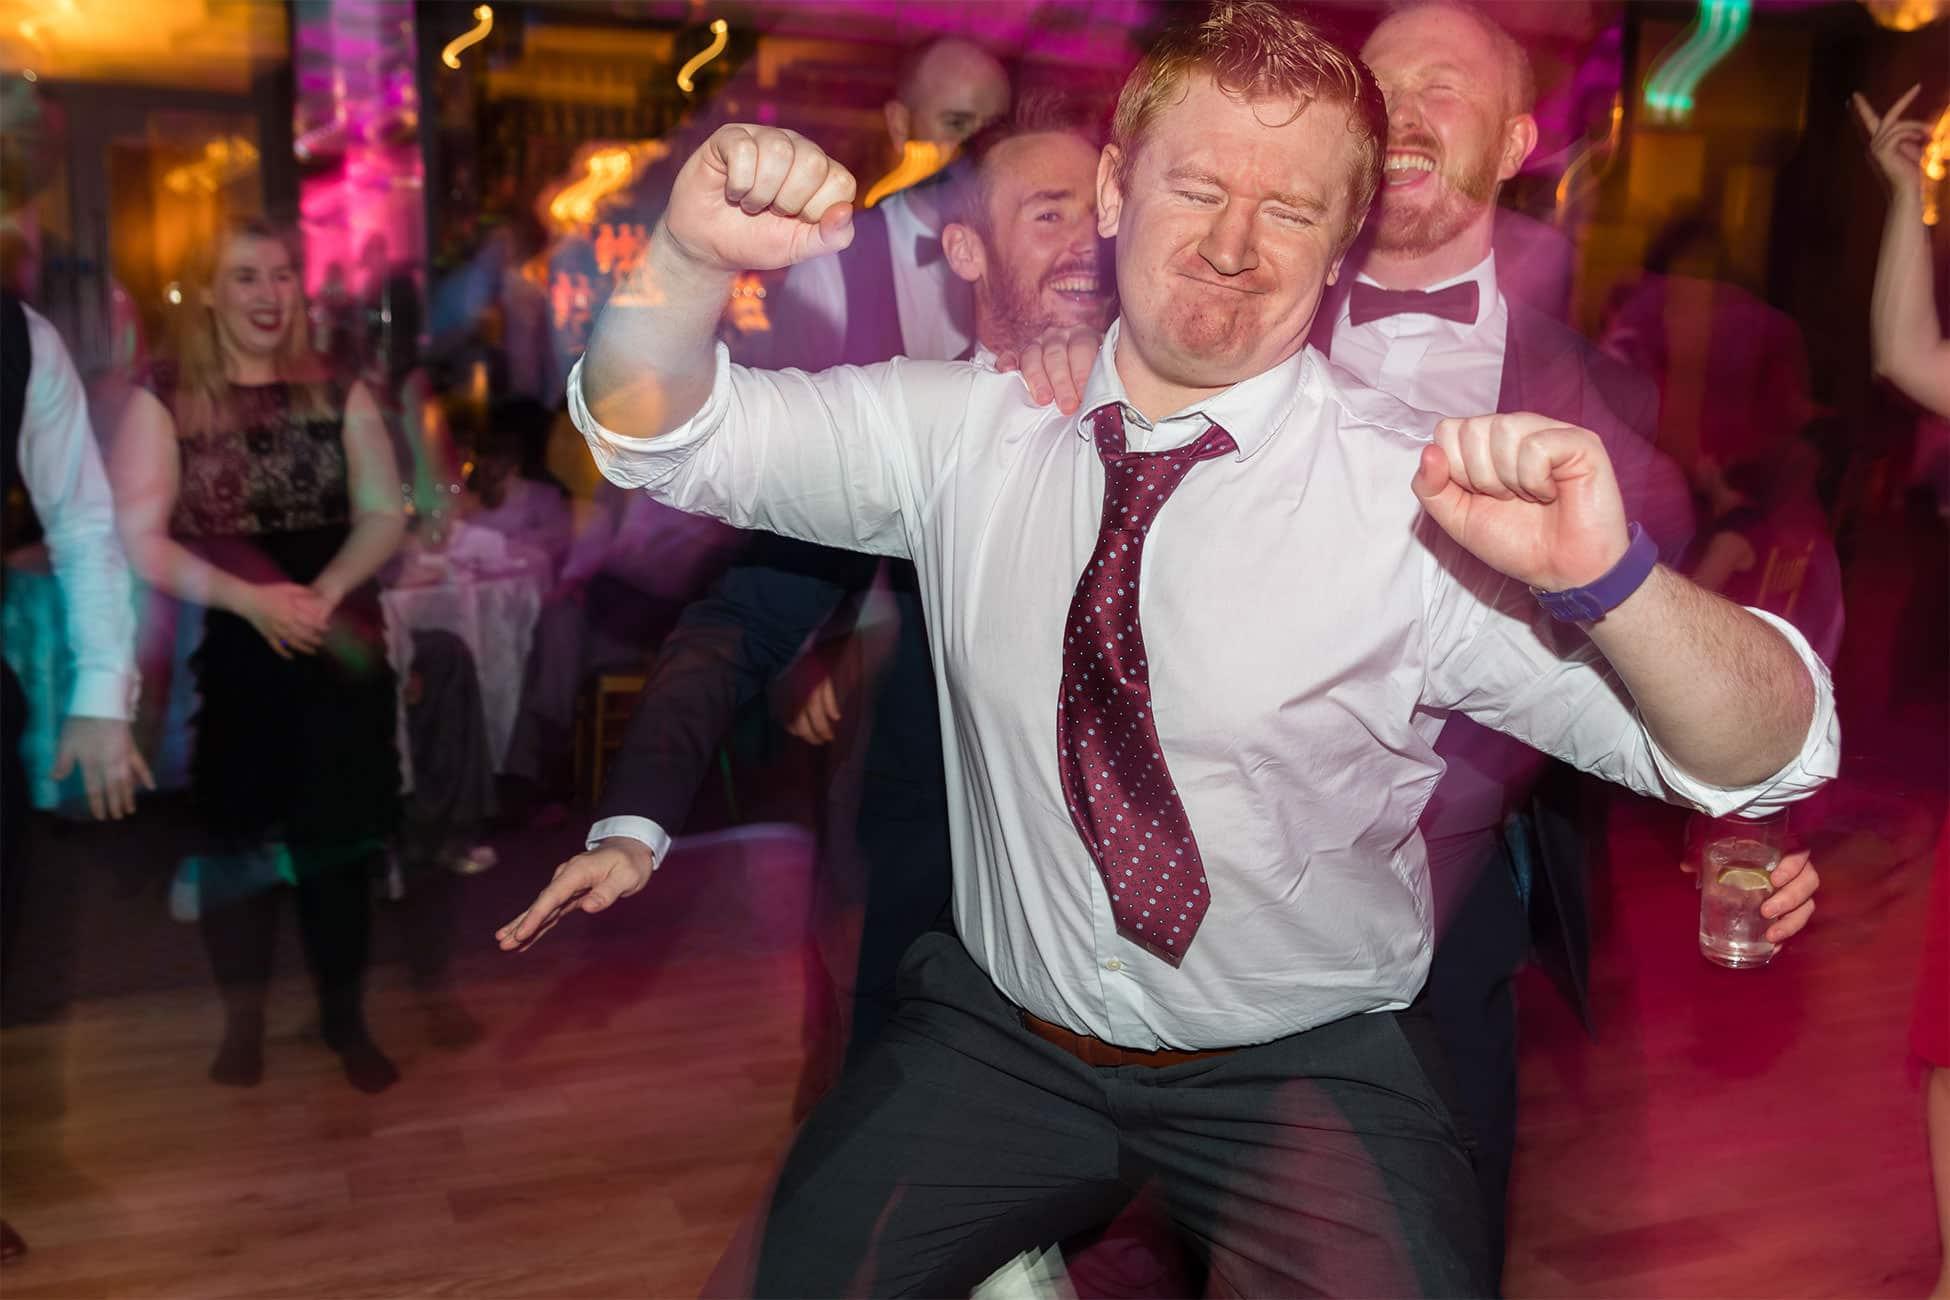 Best Wexford Wedding Photographer 2020